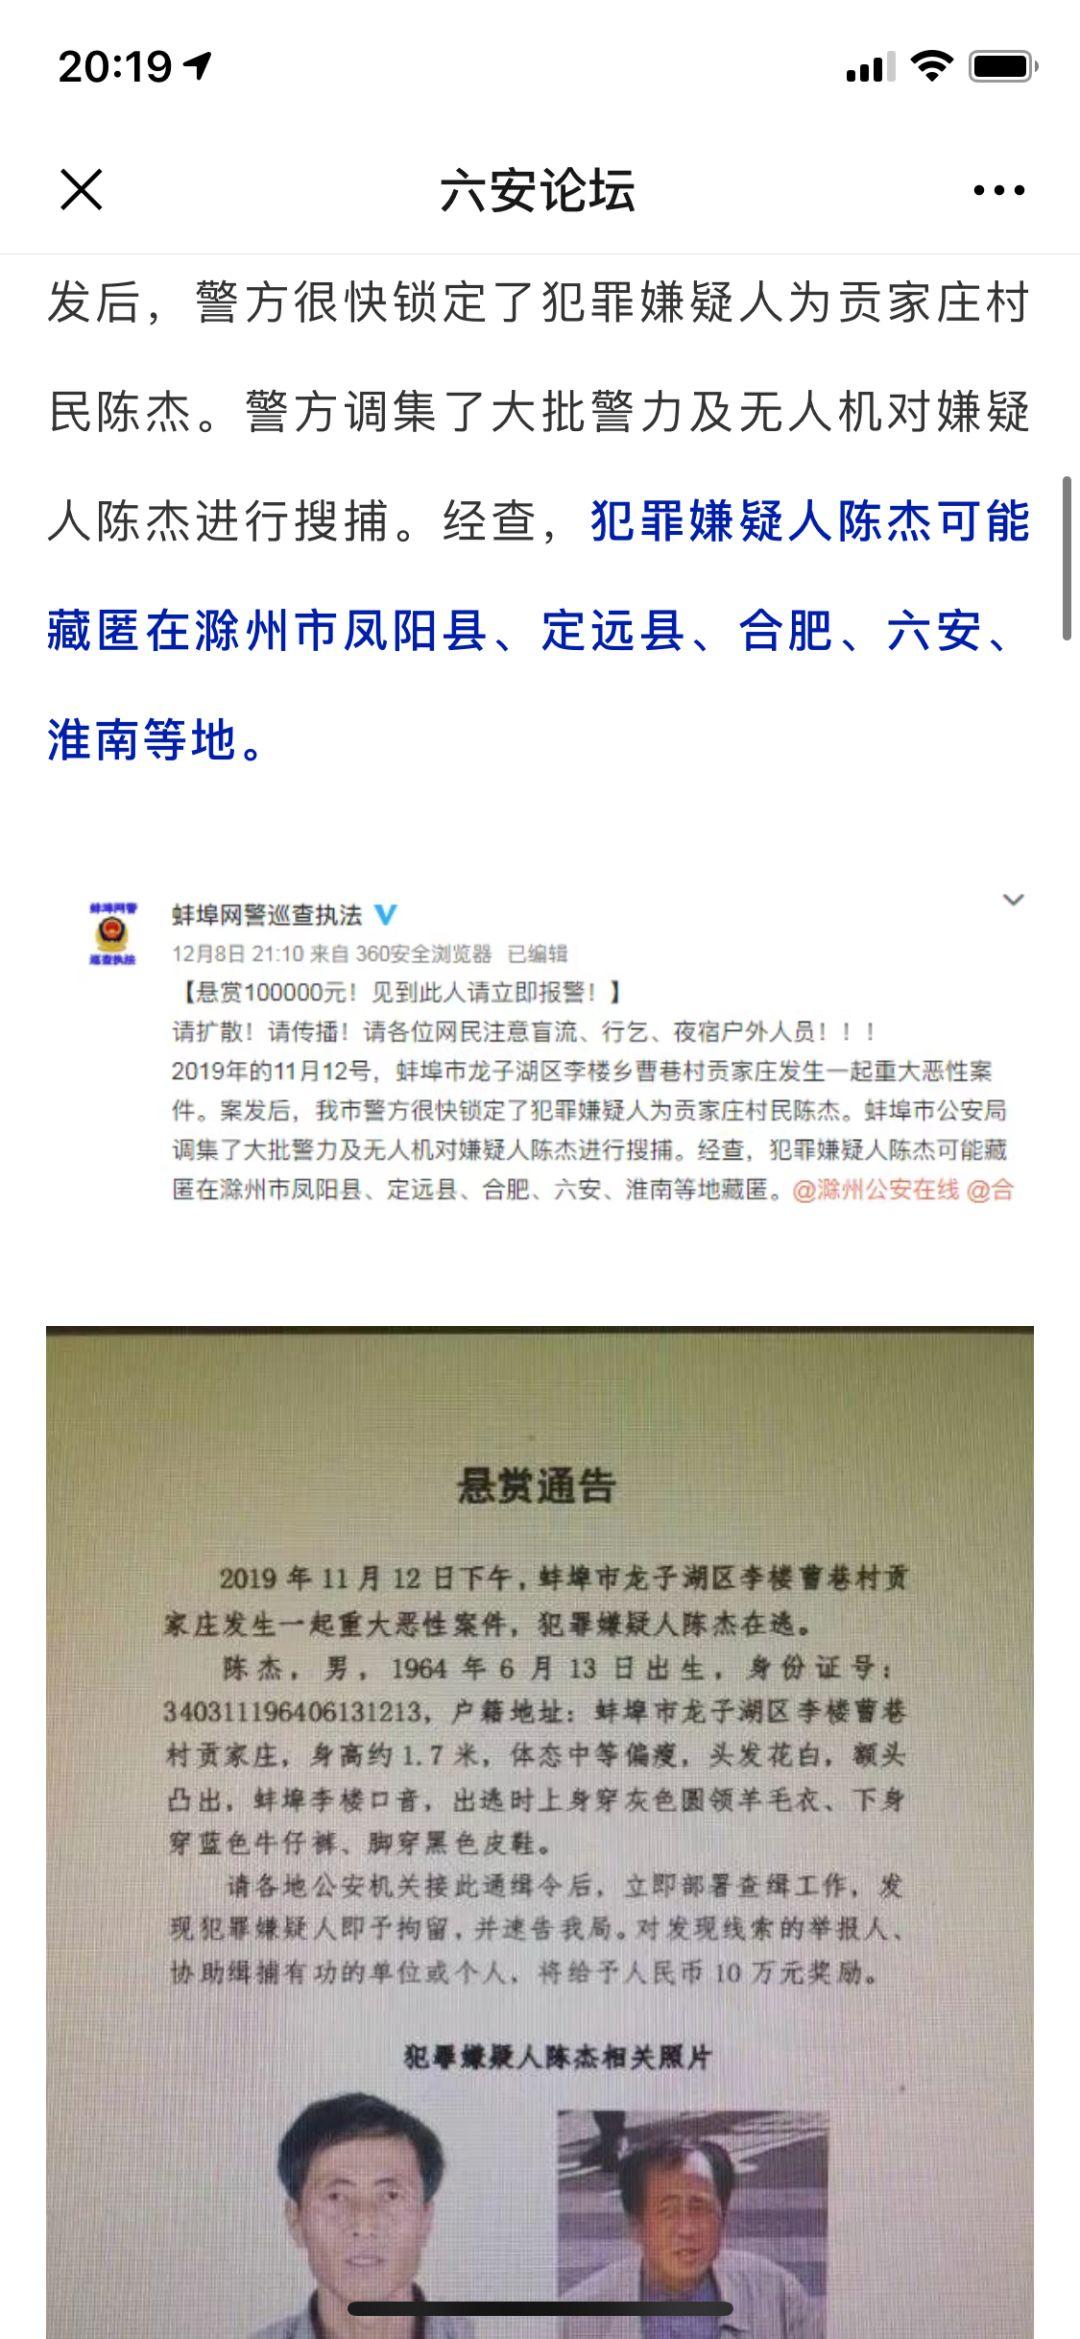 �嗤��l布:之前20�f通�犯罪嫌疑人�杰尸�w被�l�F!